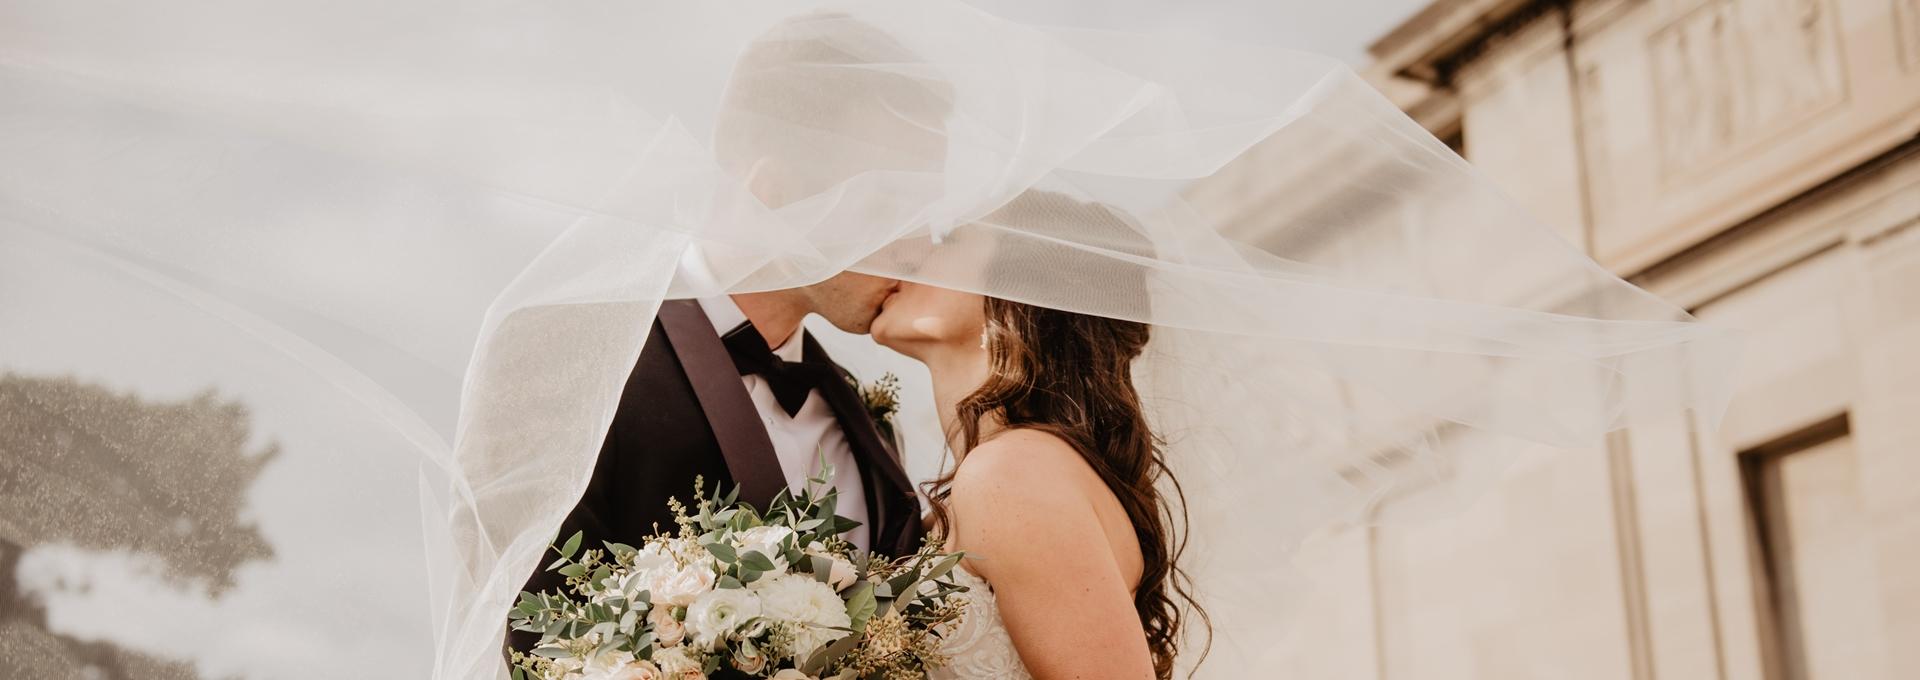 Как жить счастливо с мужем: секреты семейной жизни